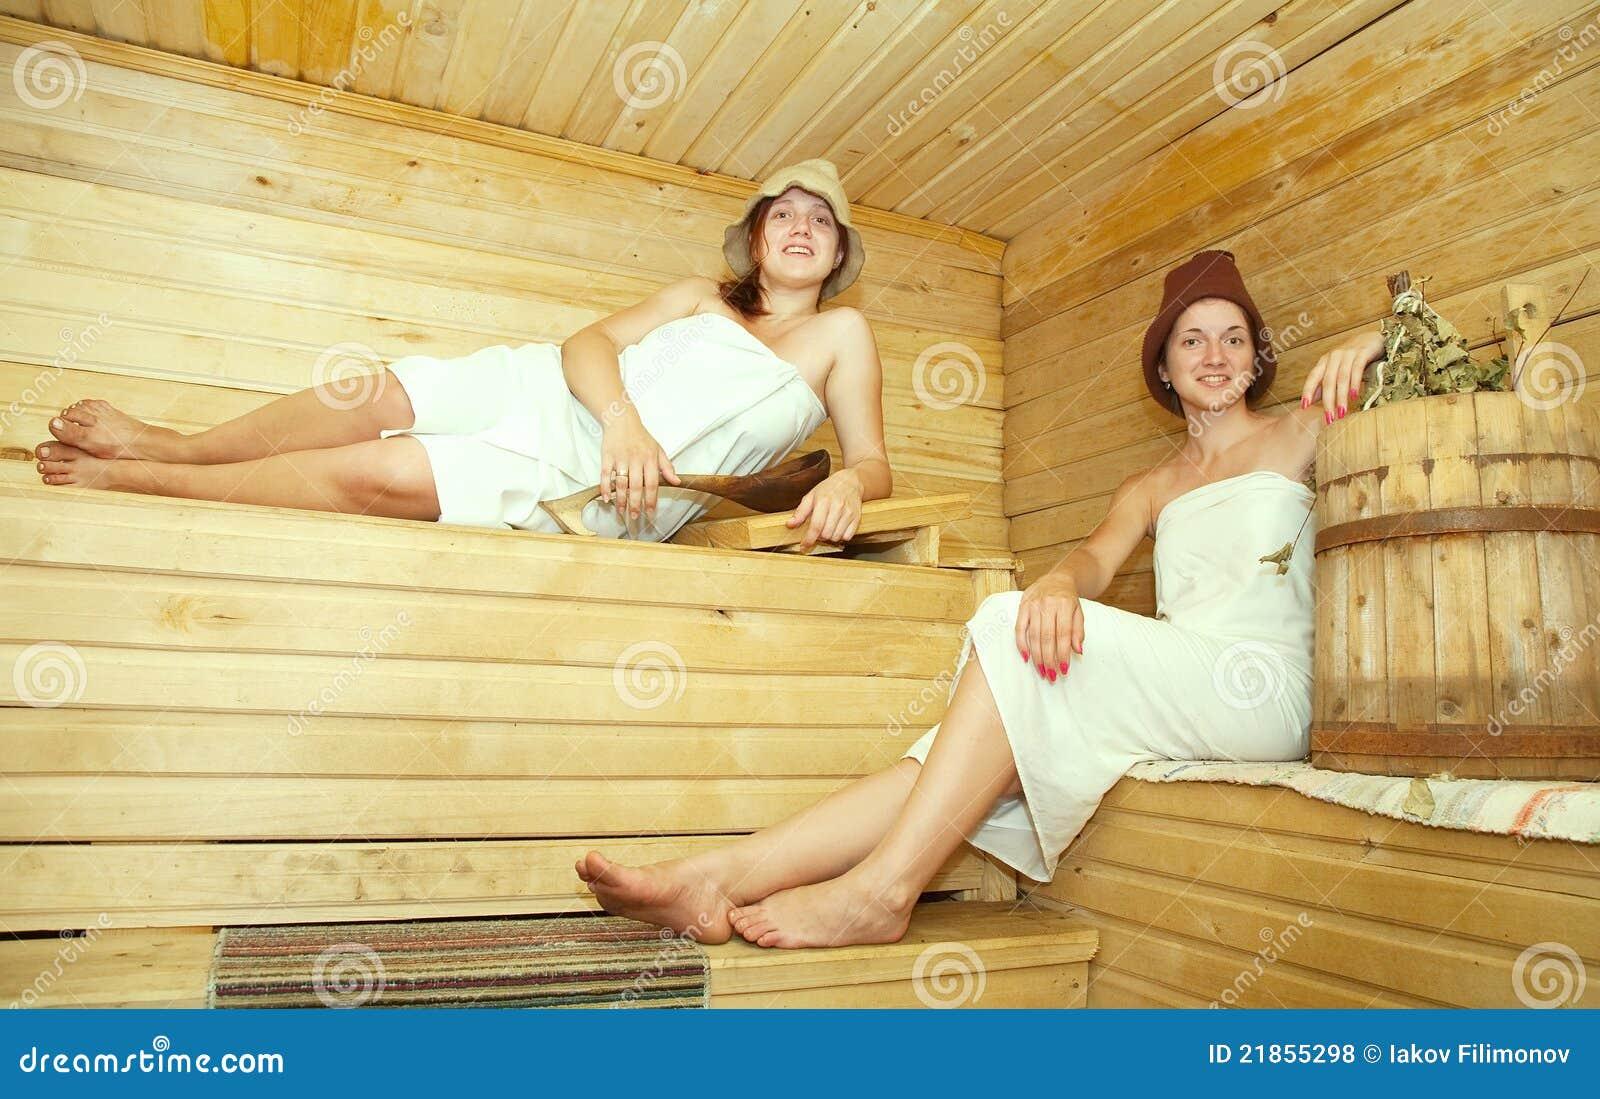 В бане дочка